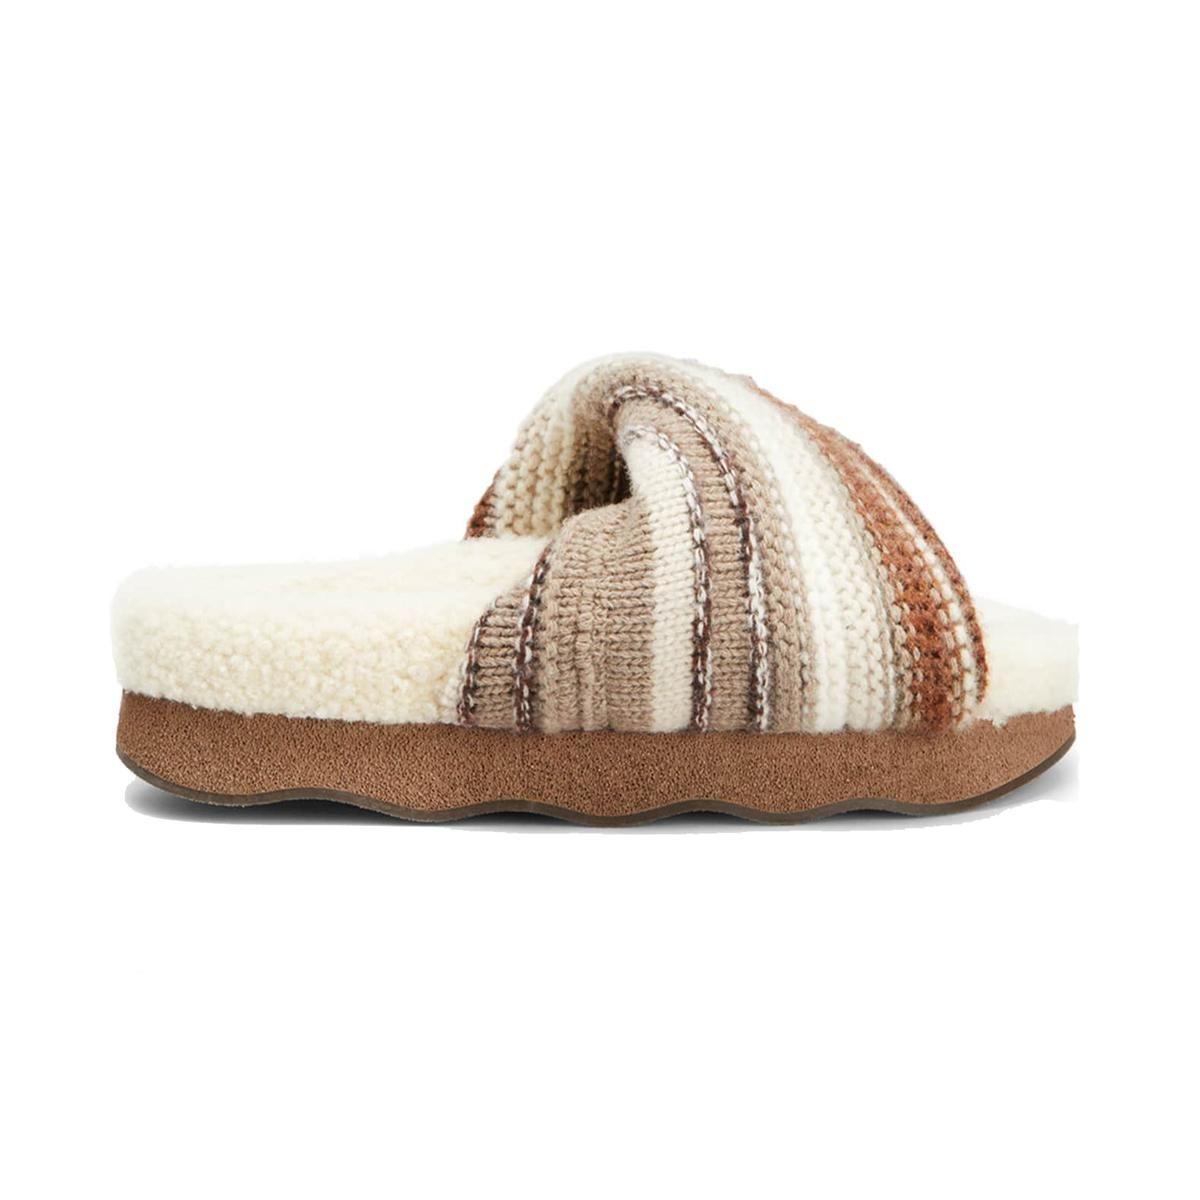 chloe cashmere knit shearling slide sandals